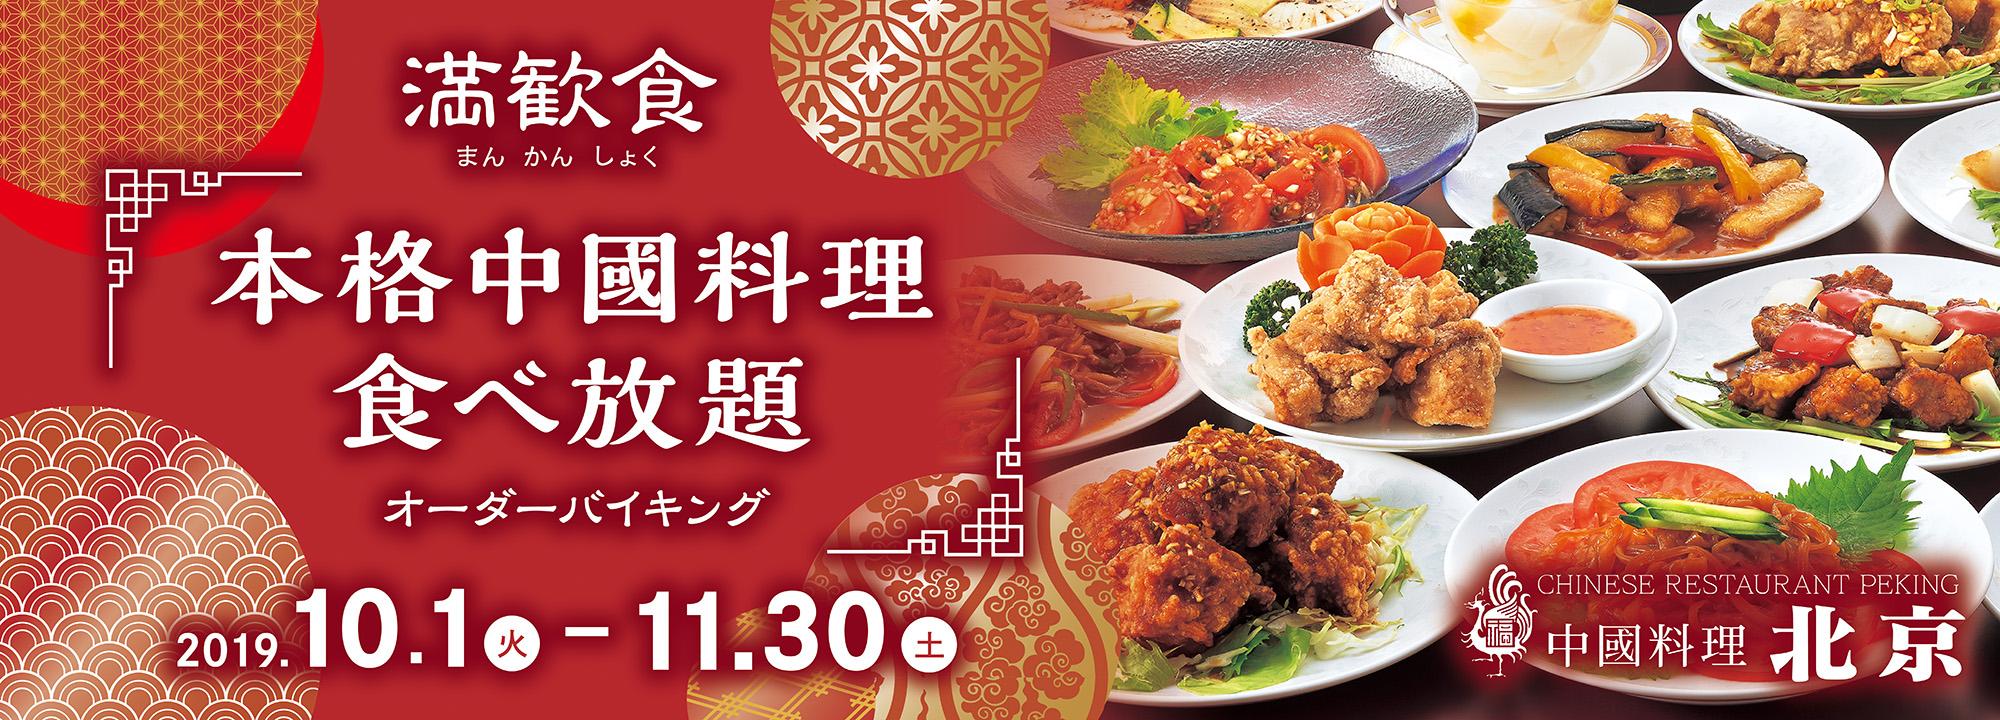 いよてつ会館2階中國料理「北京」 オーダーバイキング満歓食